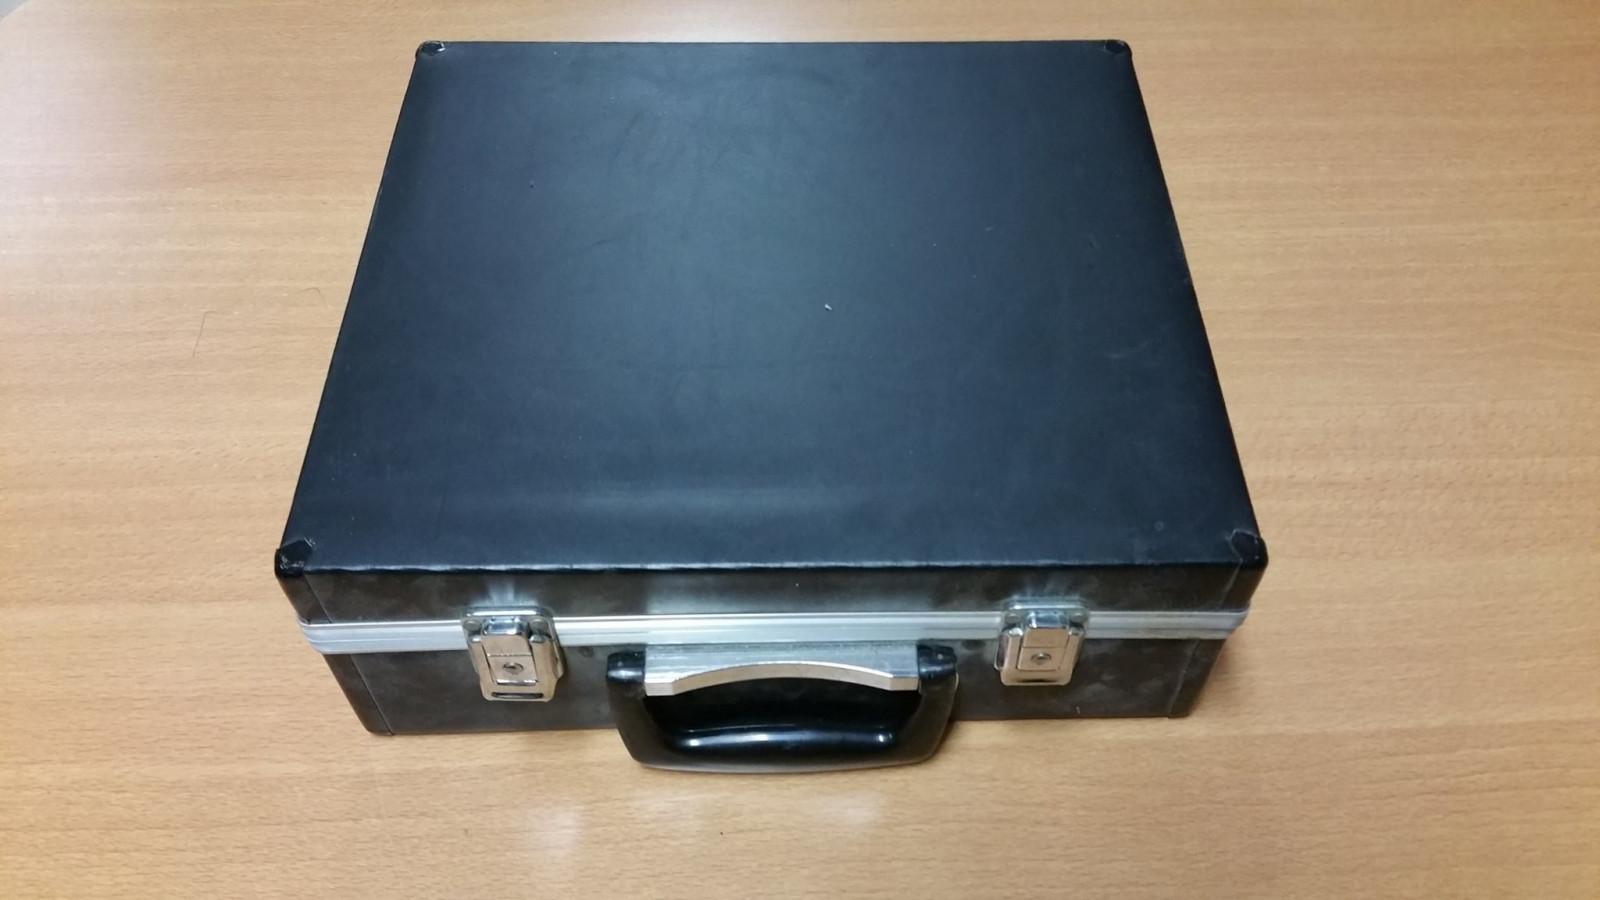 73cdcdf36b8 Politie vindt mysterieuze koffer met zwart-wit foto's - NH Nieuws